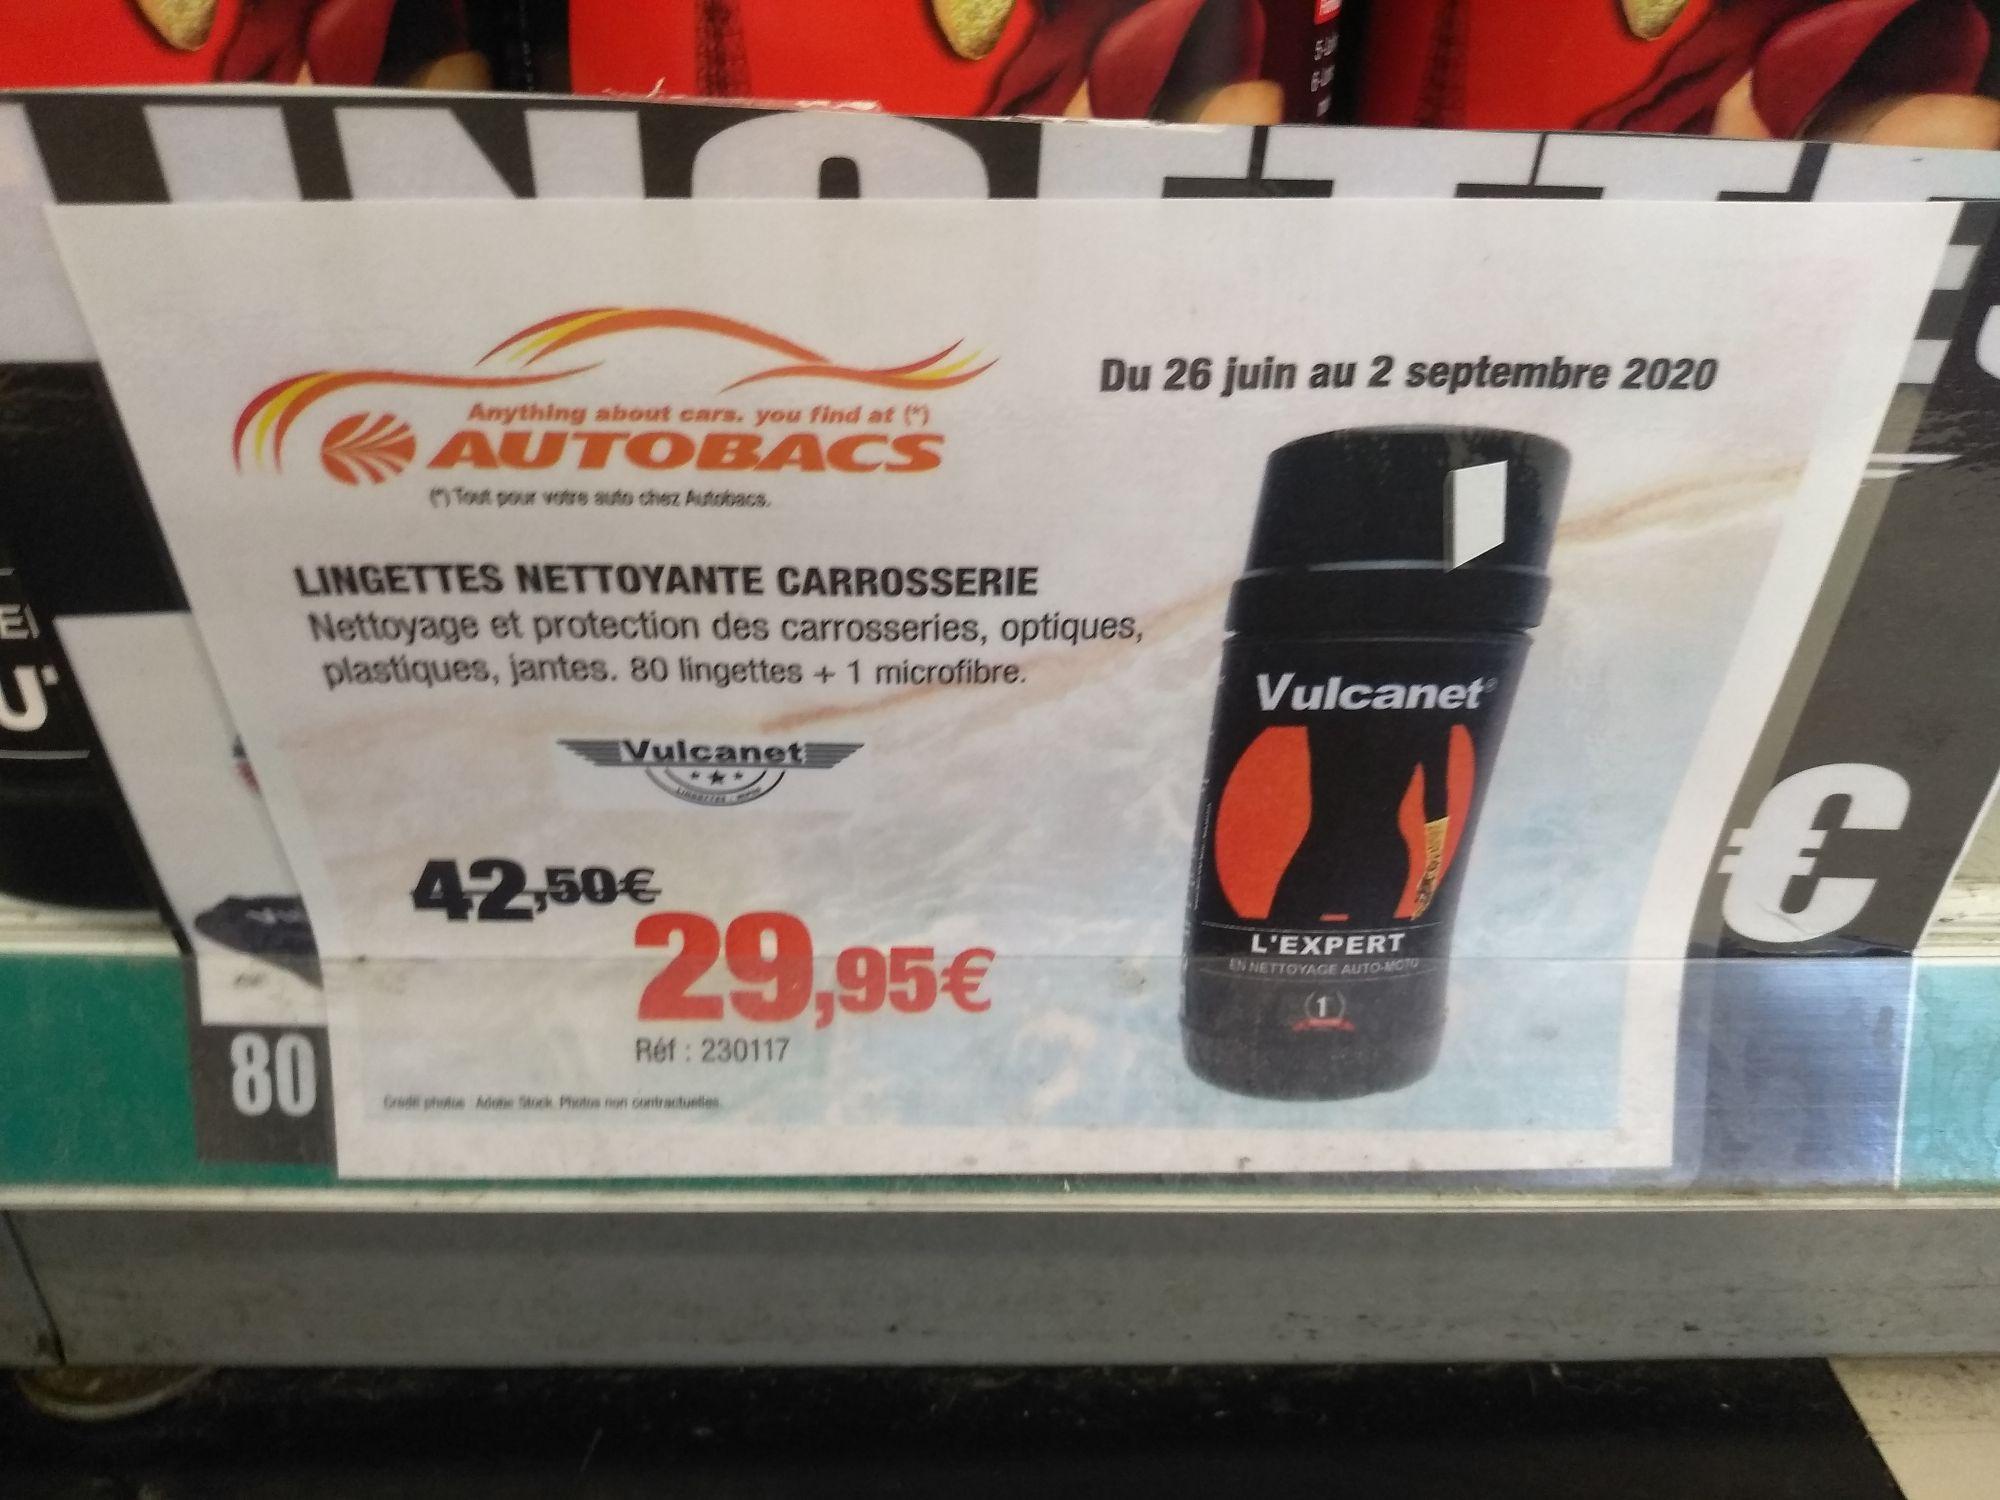 Boîte de 80 lingettes nettoyantes auto Vulcanet + 1 chiffon en micro-fibres - Autobacs Coignières (78)